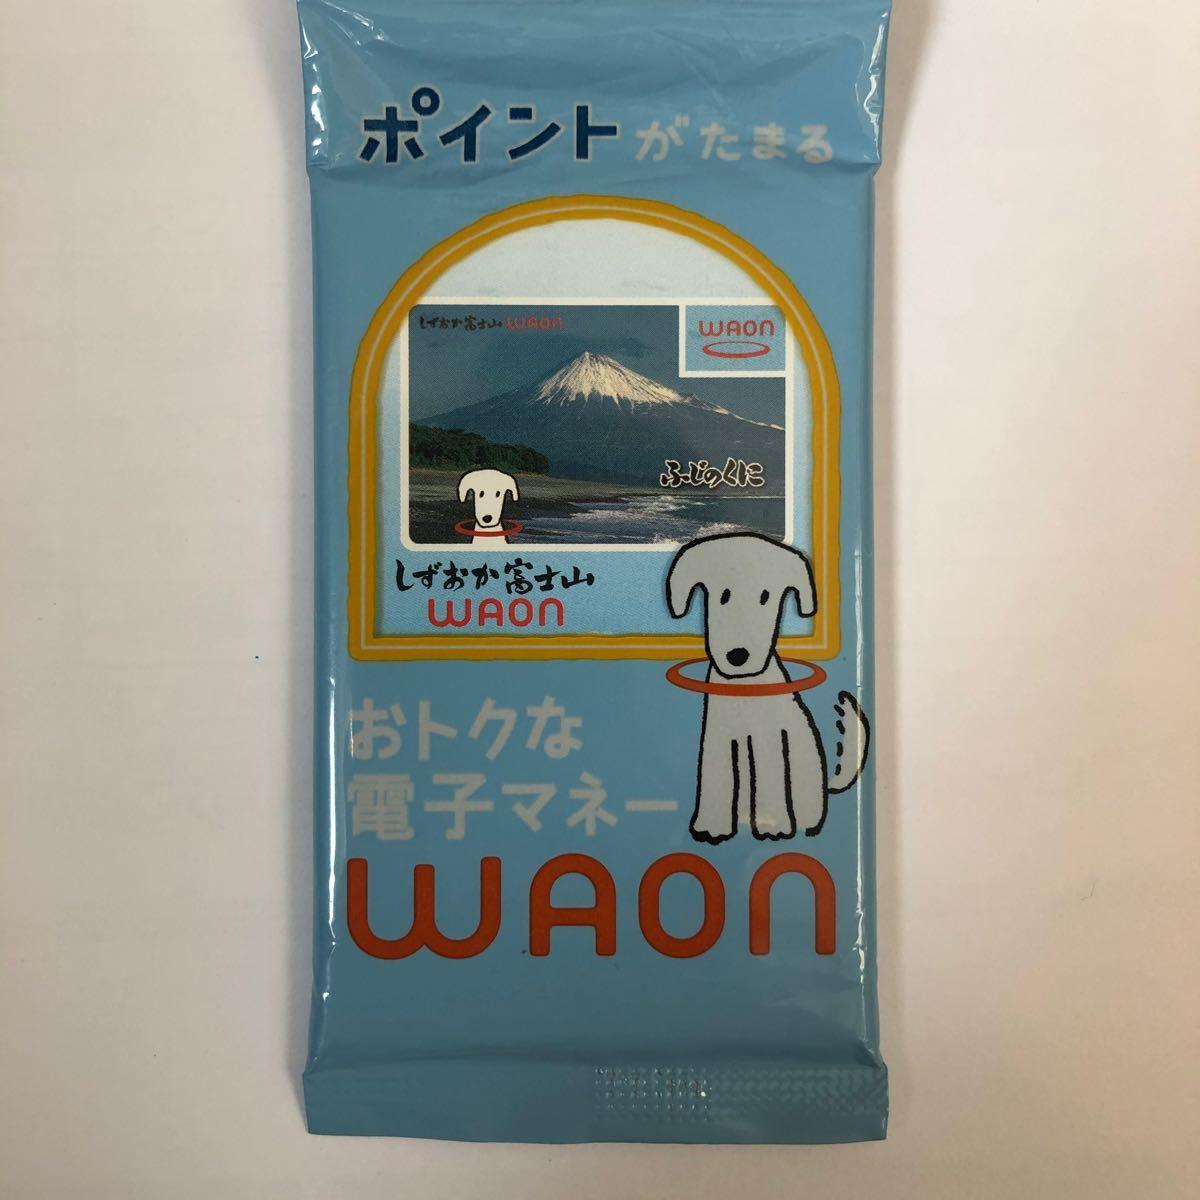 WAON 電子マネー ふじのくに 静岡富士山